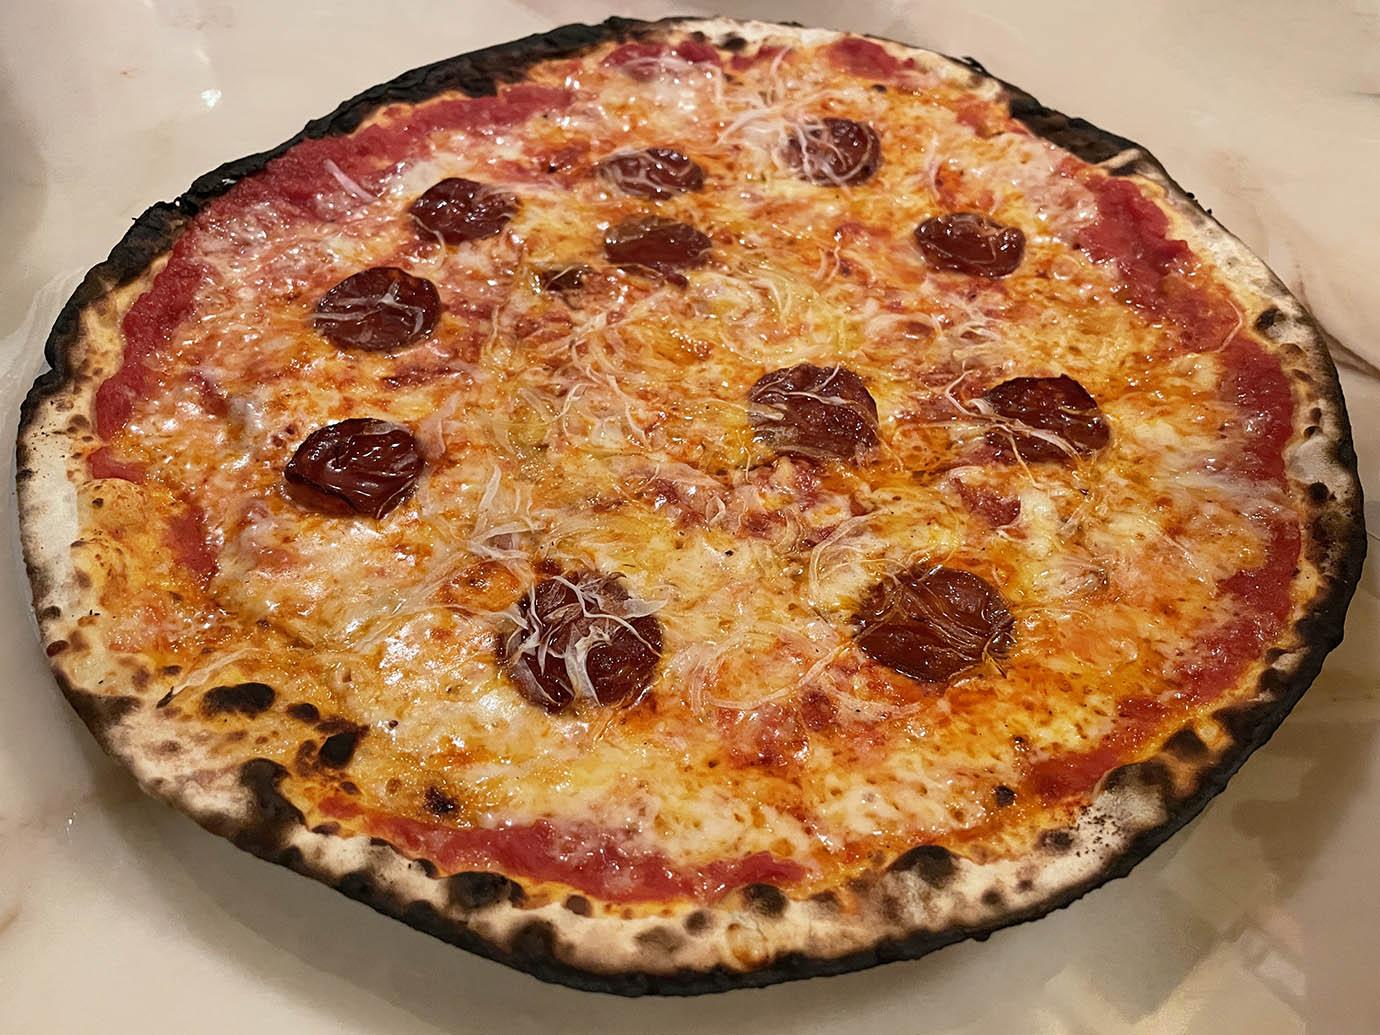 pizzeria-romana-ilpentito-pizza